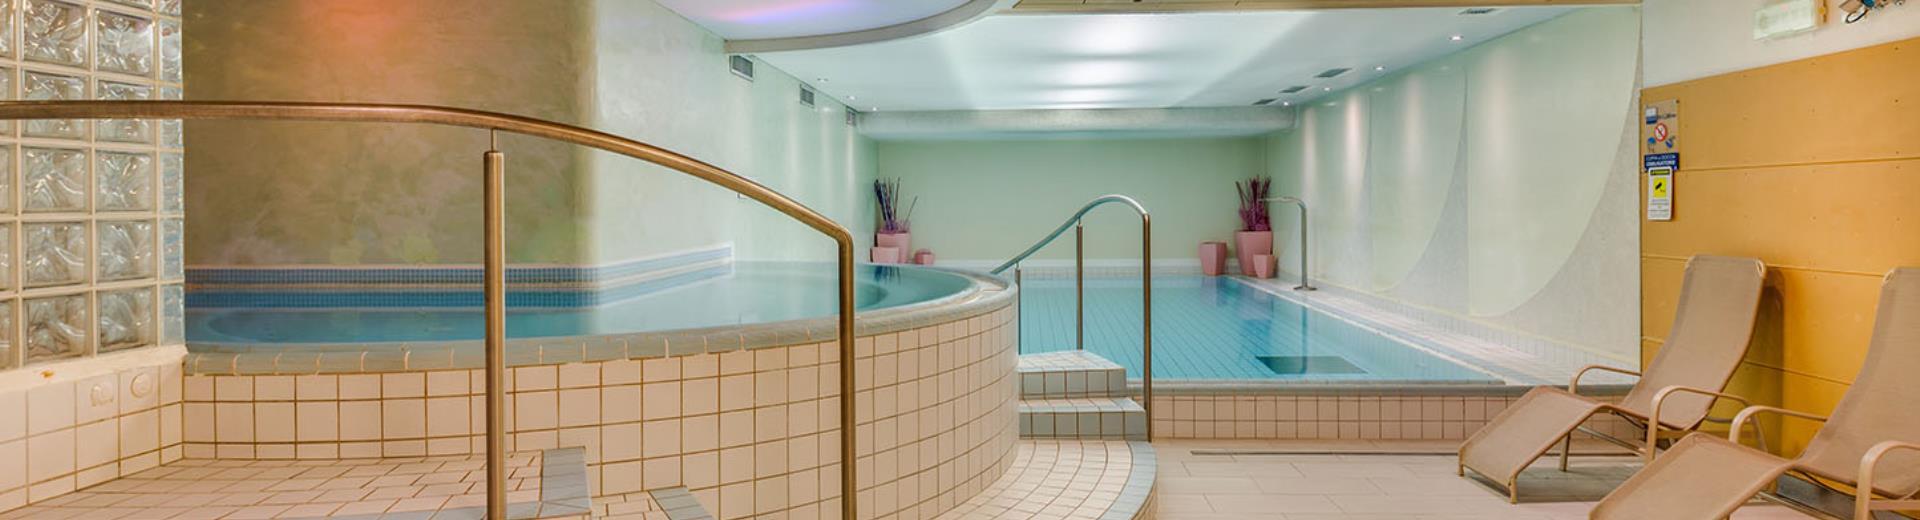 Centro benessere e fitness hotel 4 stelle Trento - Hotel Adige